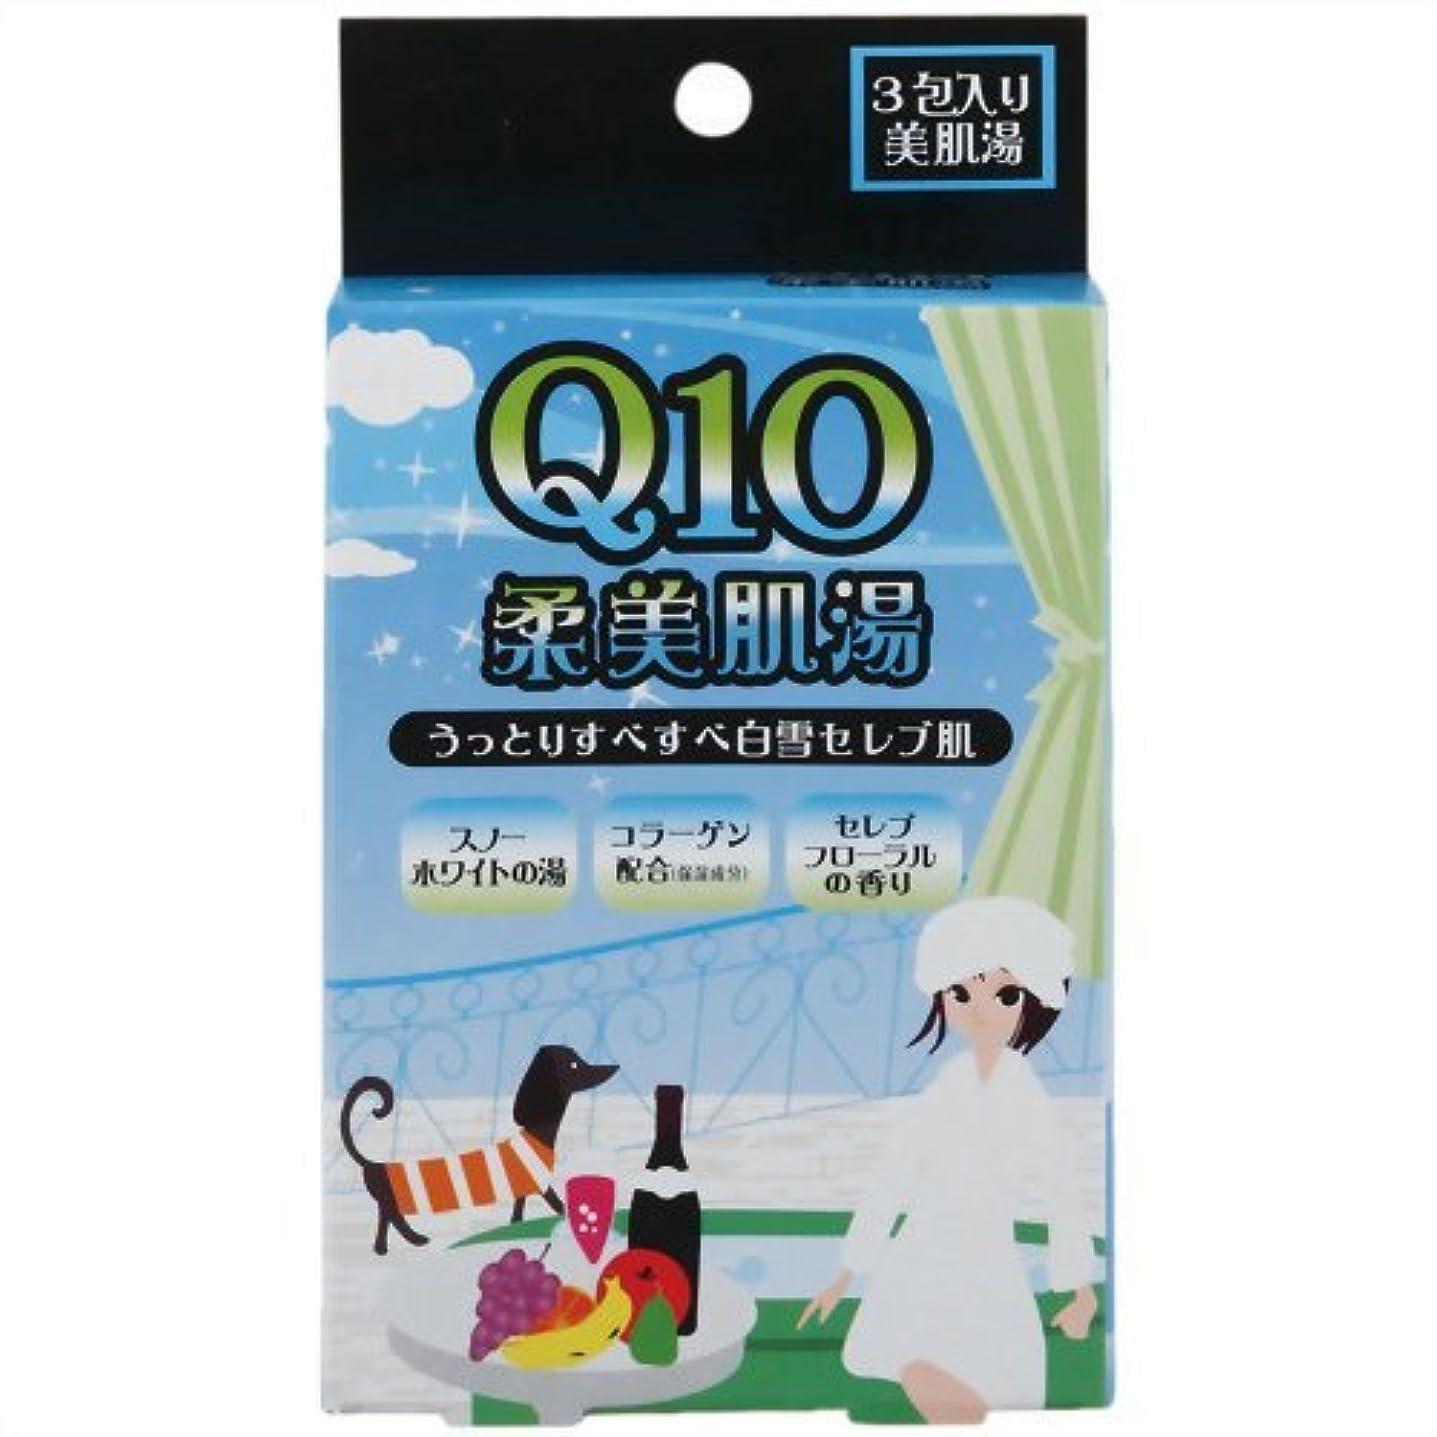 ホールドオール組どこ紀陽除虫菊 Q10 柔美肌湯 (セレブフローラルの香り)【まとめ買い10個セット】 N-8372